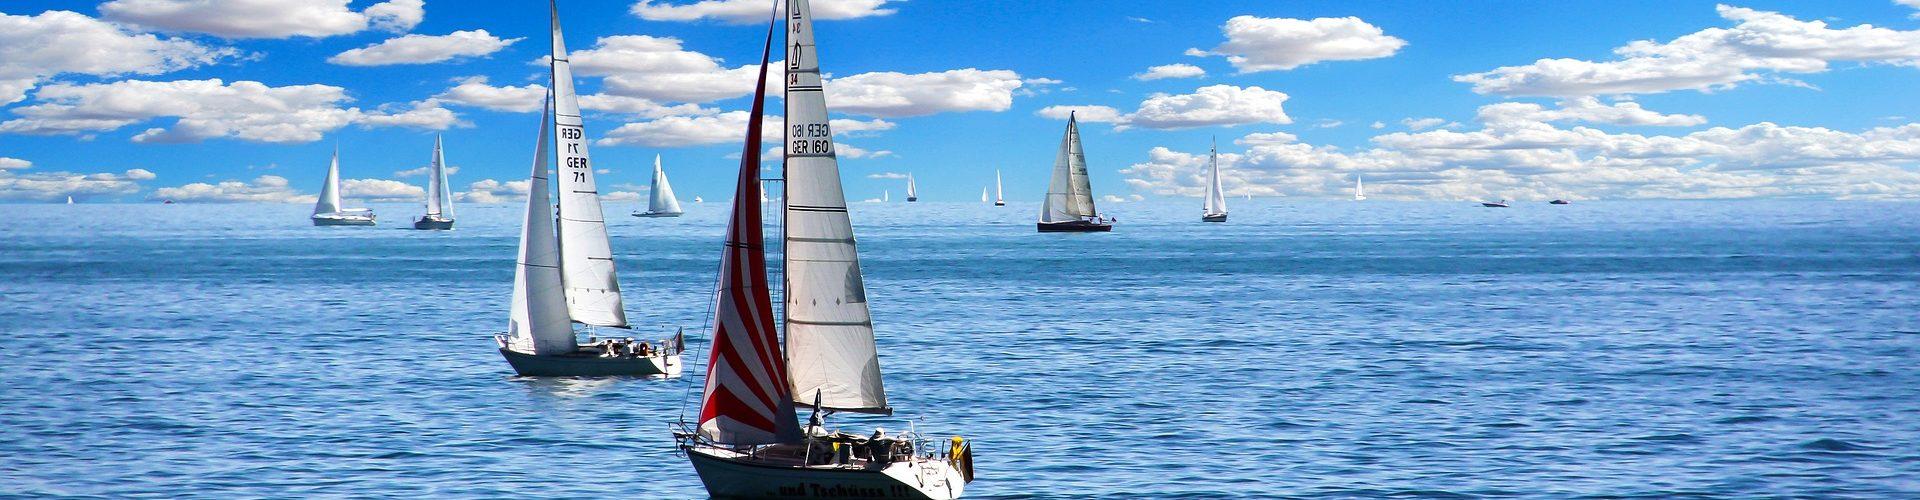 segeln lernen in Hemer segelschein machen in Hemer 1920x500 - Segeln lernen in Hemer